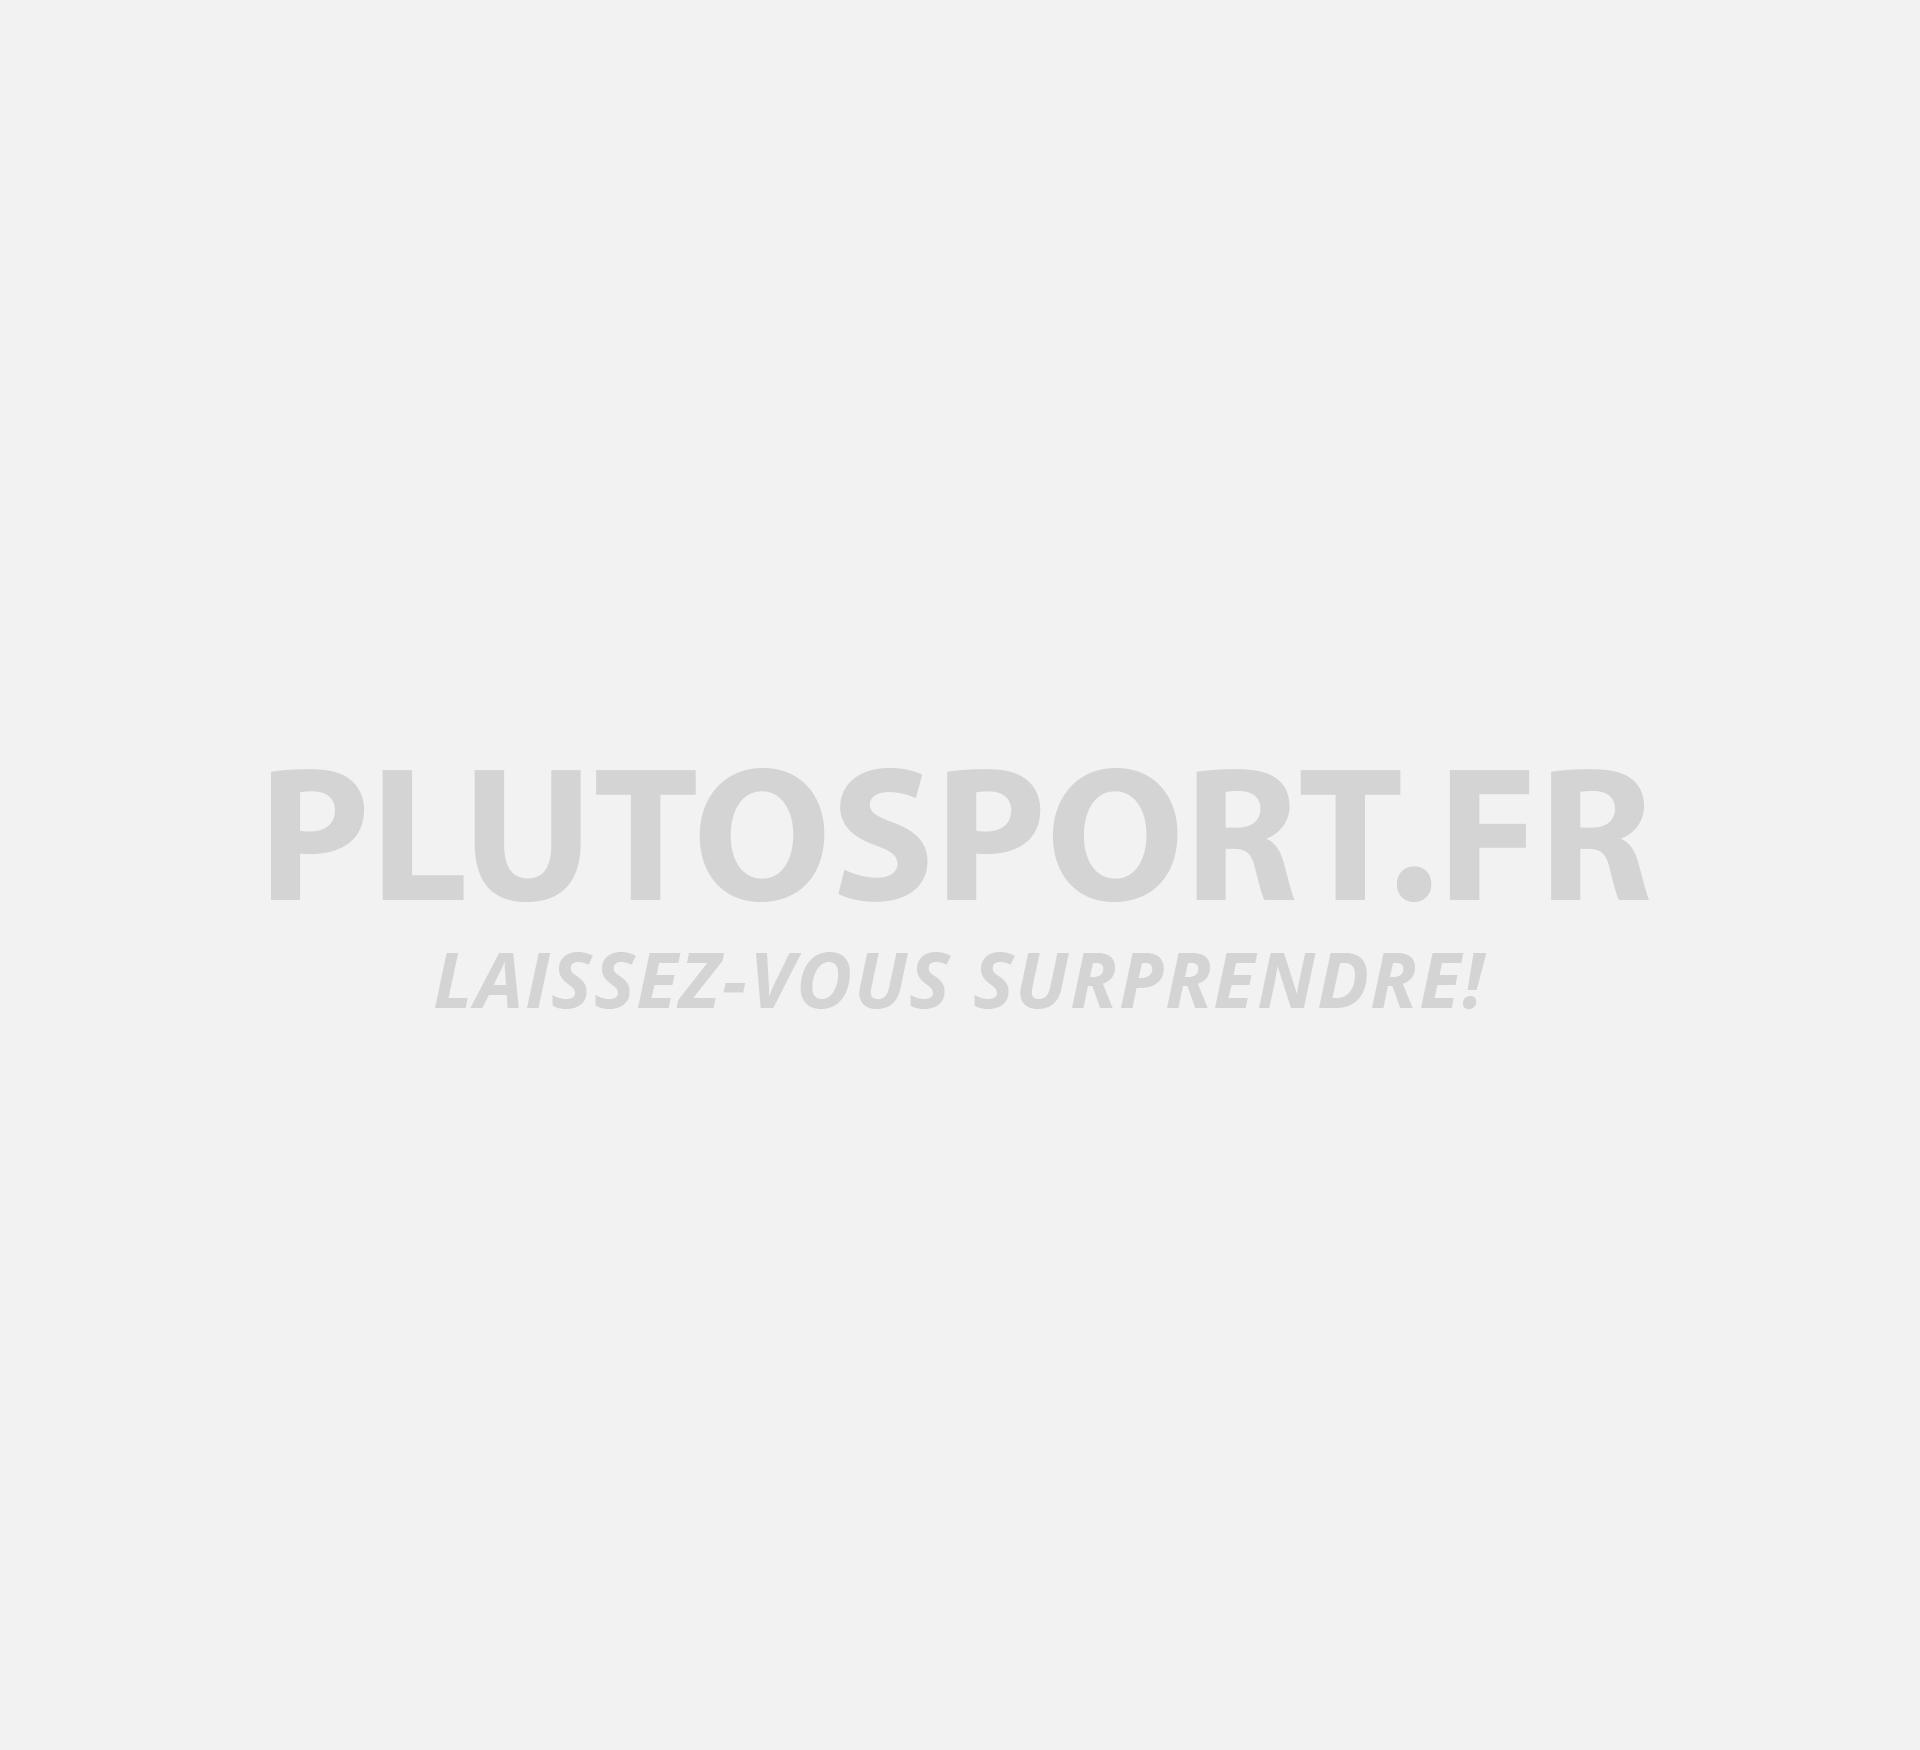 Le pantalon de survêtement Puma Arsenal FC Pro Pant pour hommes